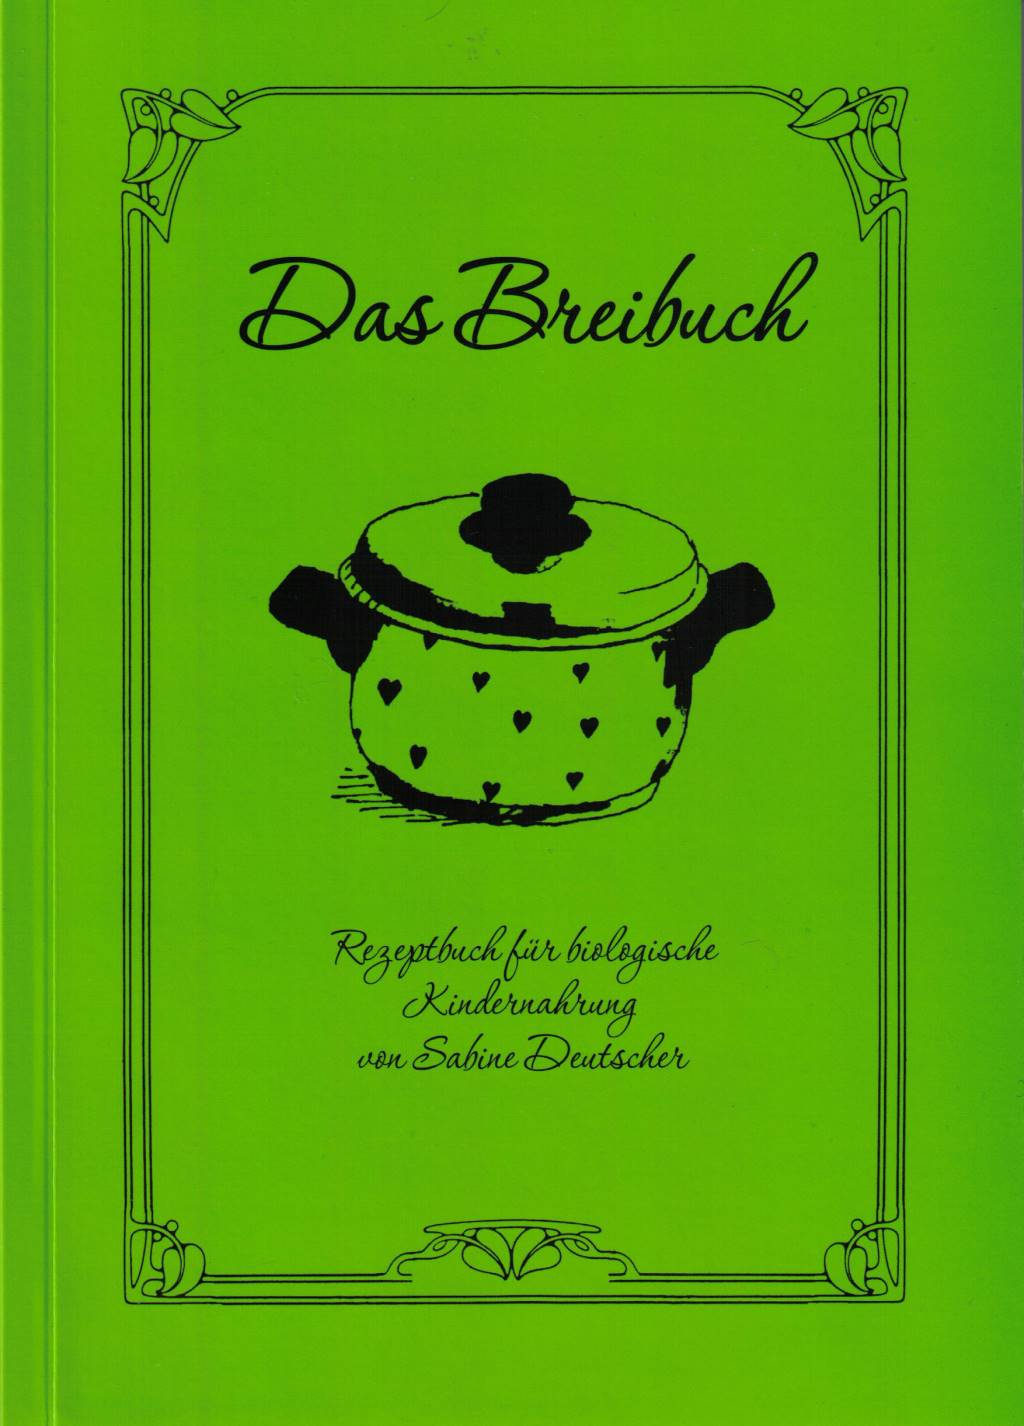 Das Breibuch